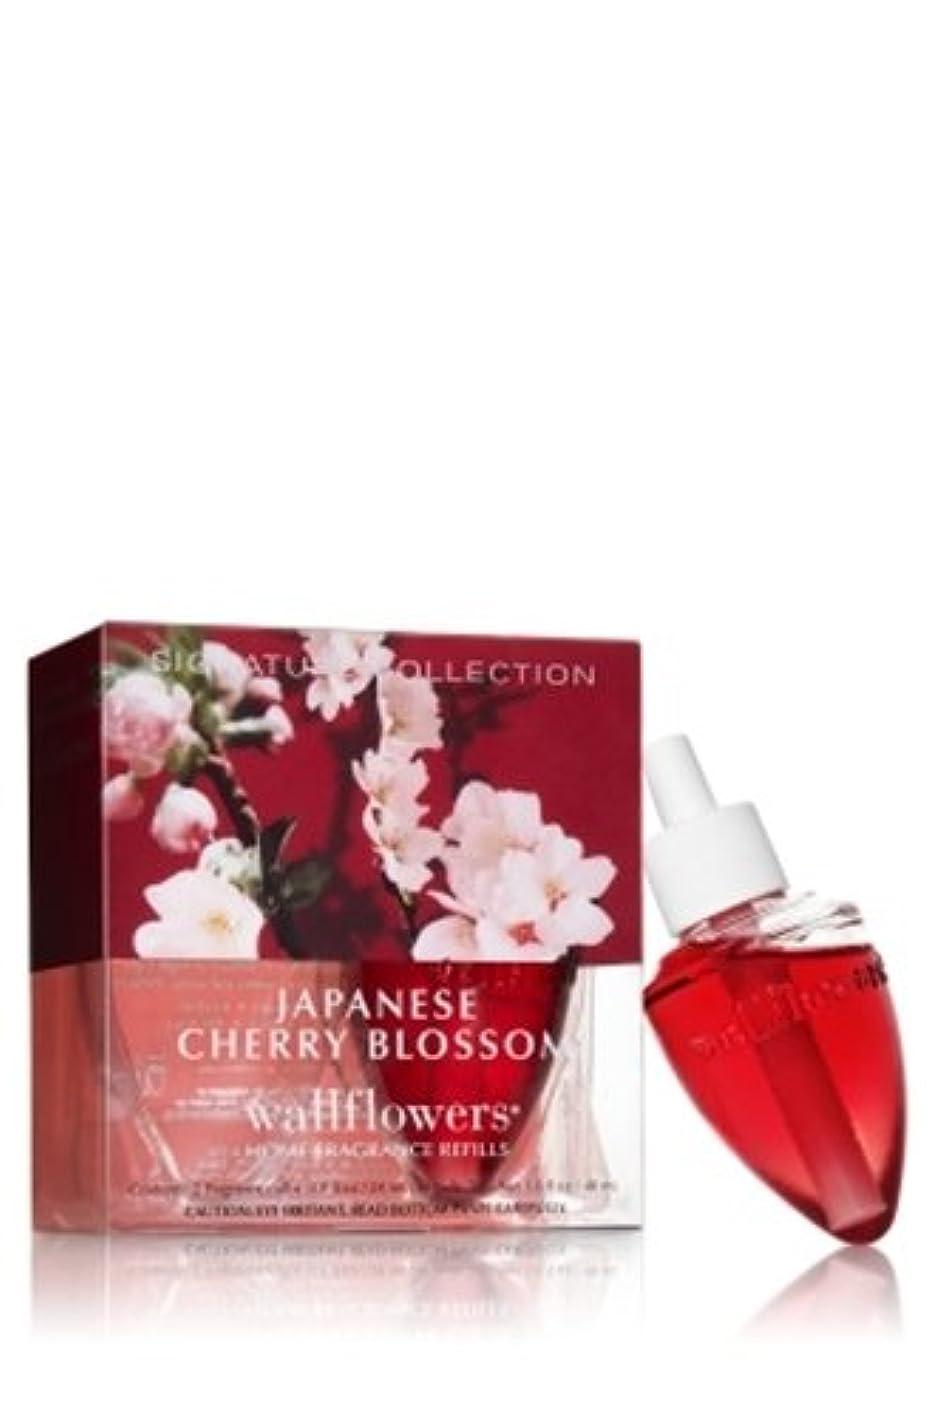 木製奨励します成果Bath & Body Works(バス&ボディワークス)ジャパニーズチェリーブロッサム ホームフレグランス レフィル2本セット(本体は別売りです)Japanese Cherry Blossom Wallflowers...